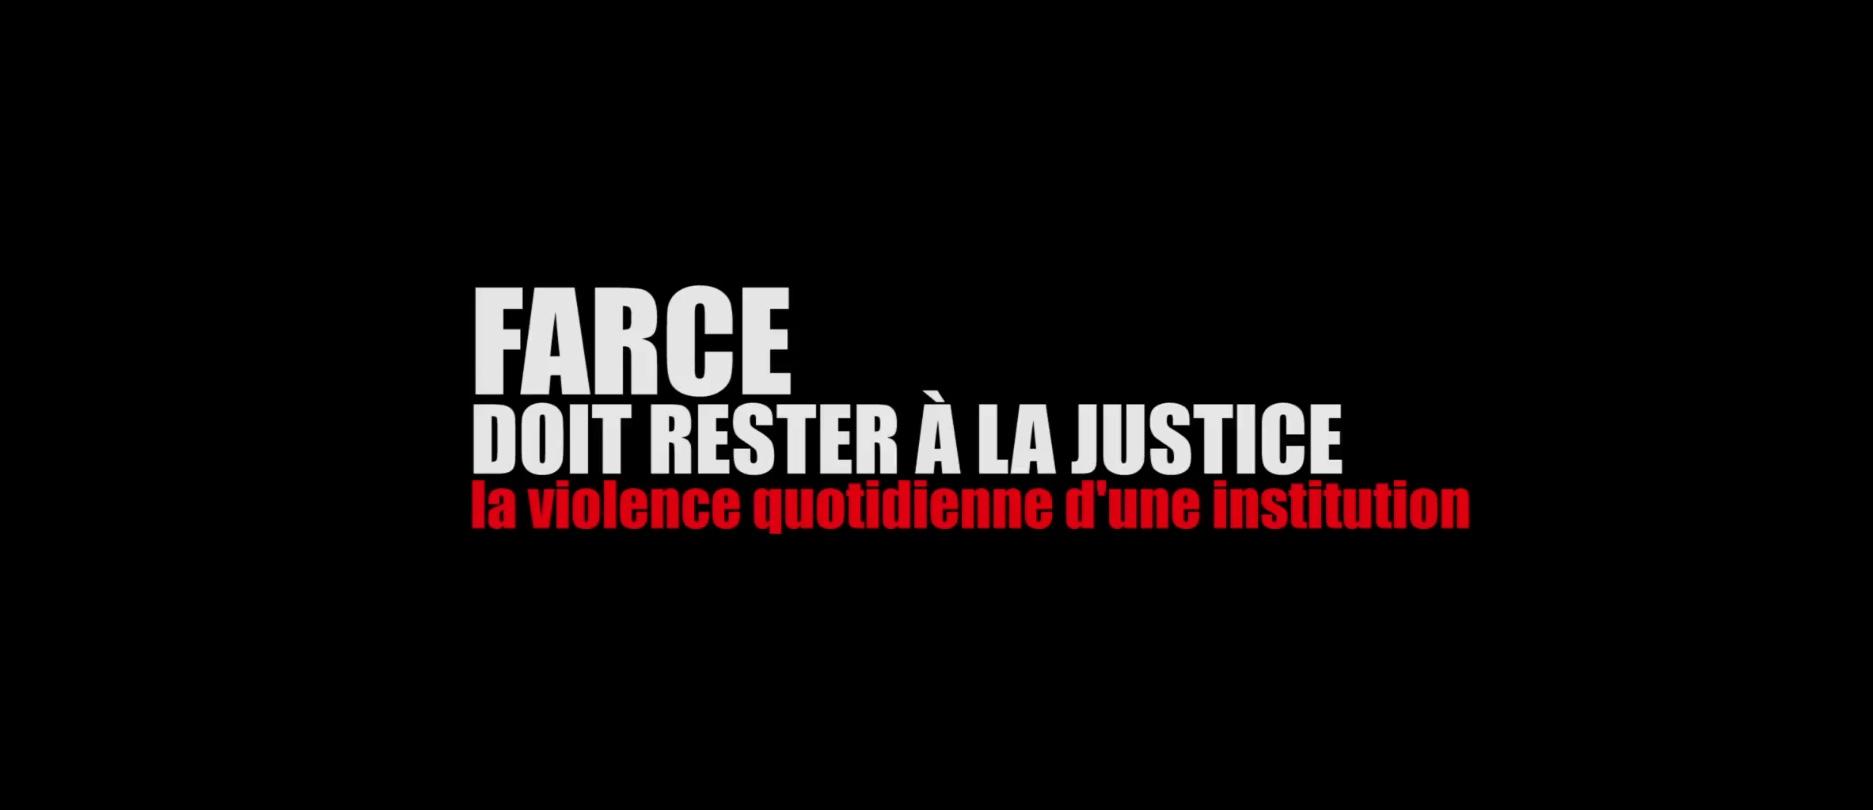 Farce doit rester la justice la violence quotidienne d for Farcical traduction